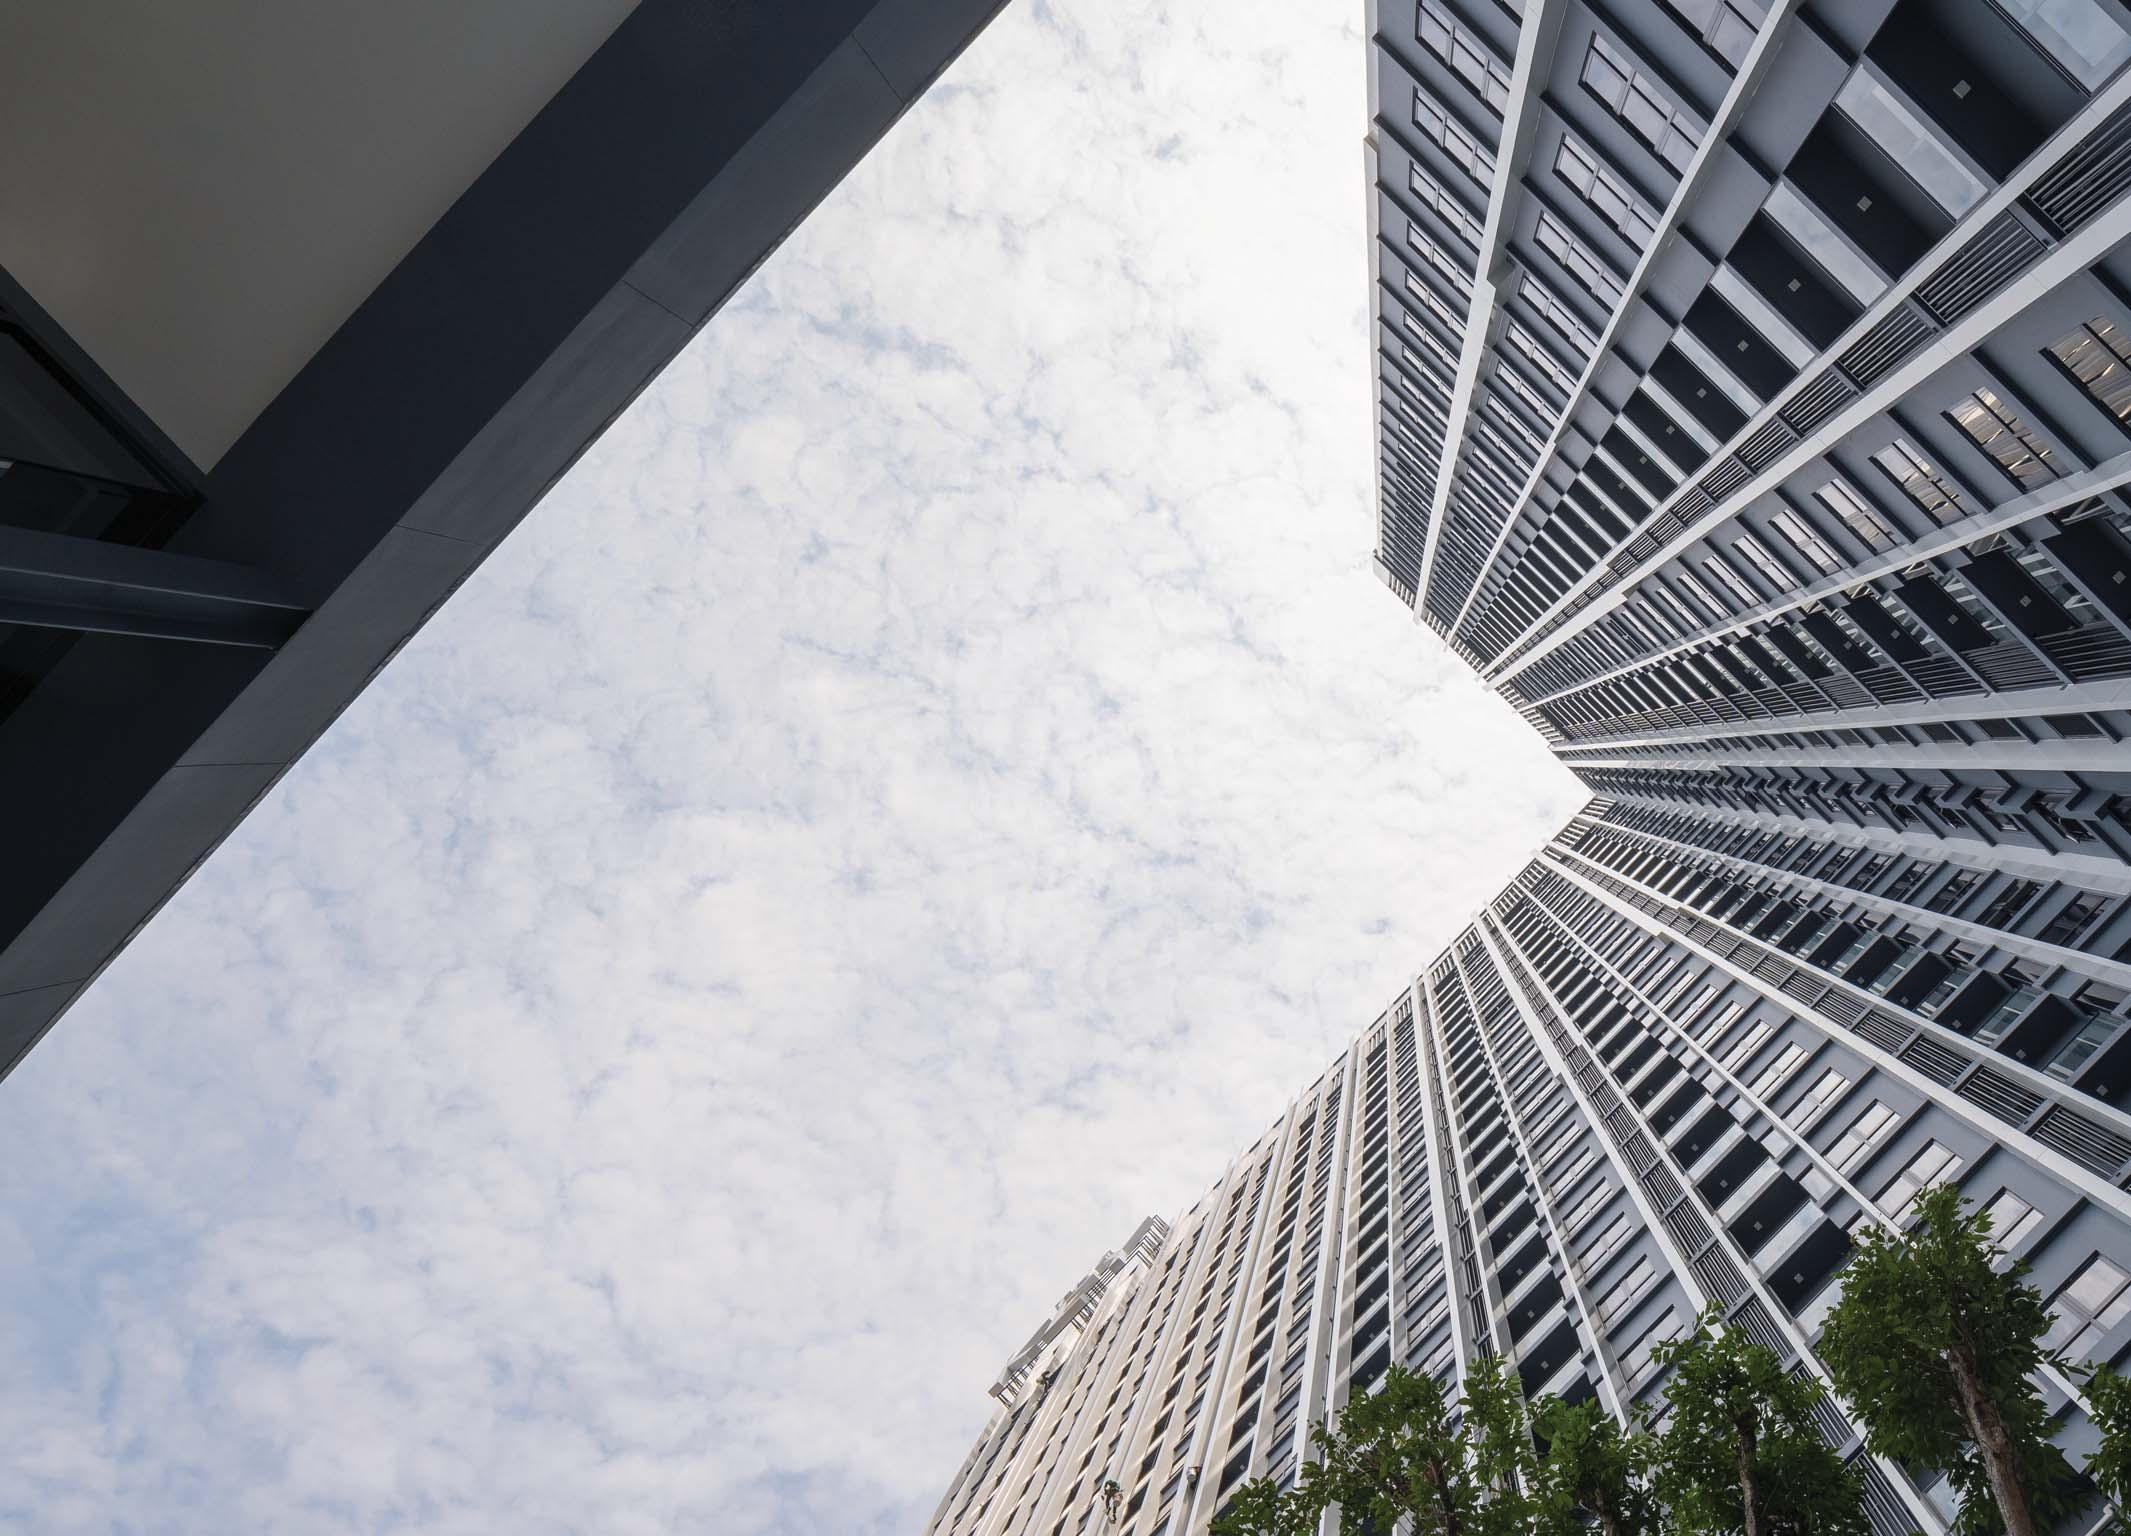 ประเภทอาคารที่สูงกว่า 40 เมตรขึ้นไป